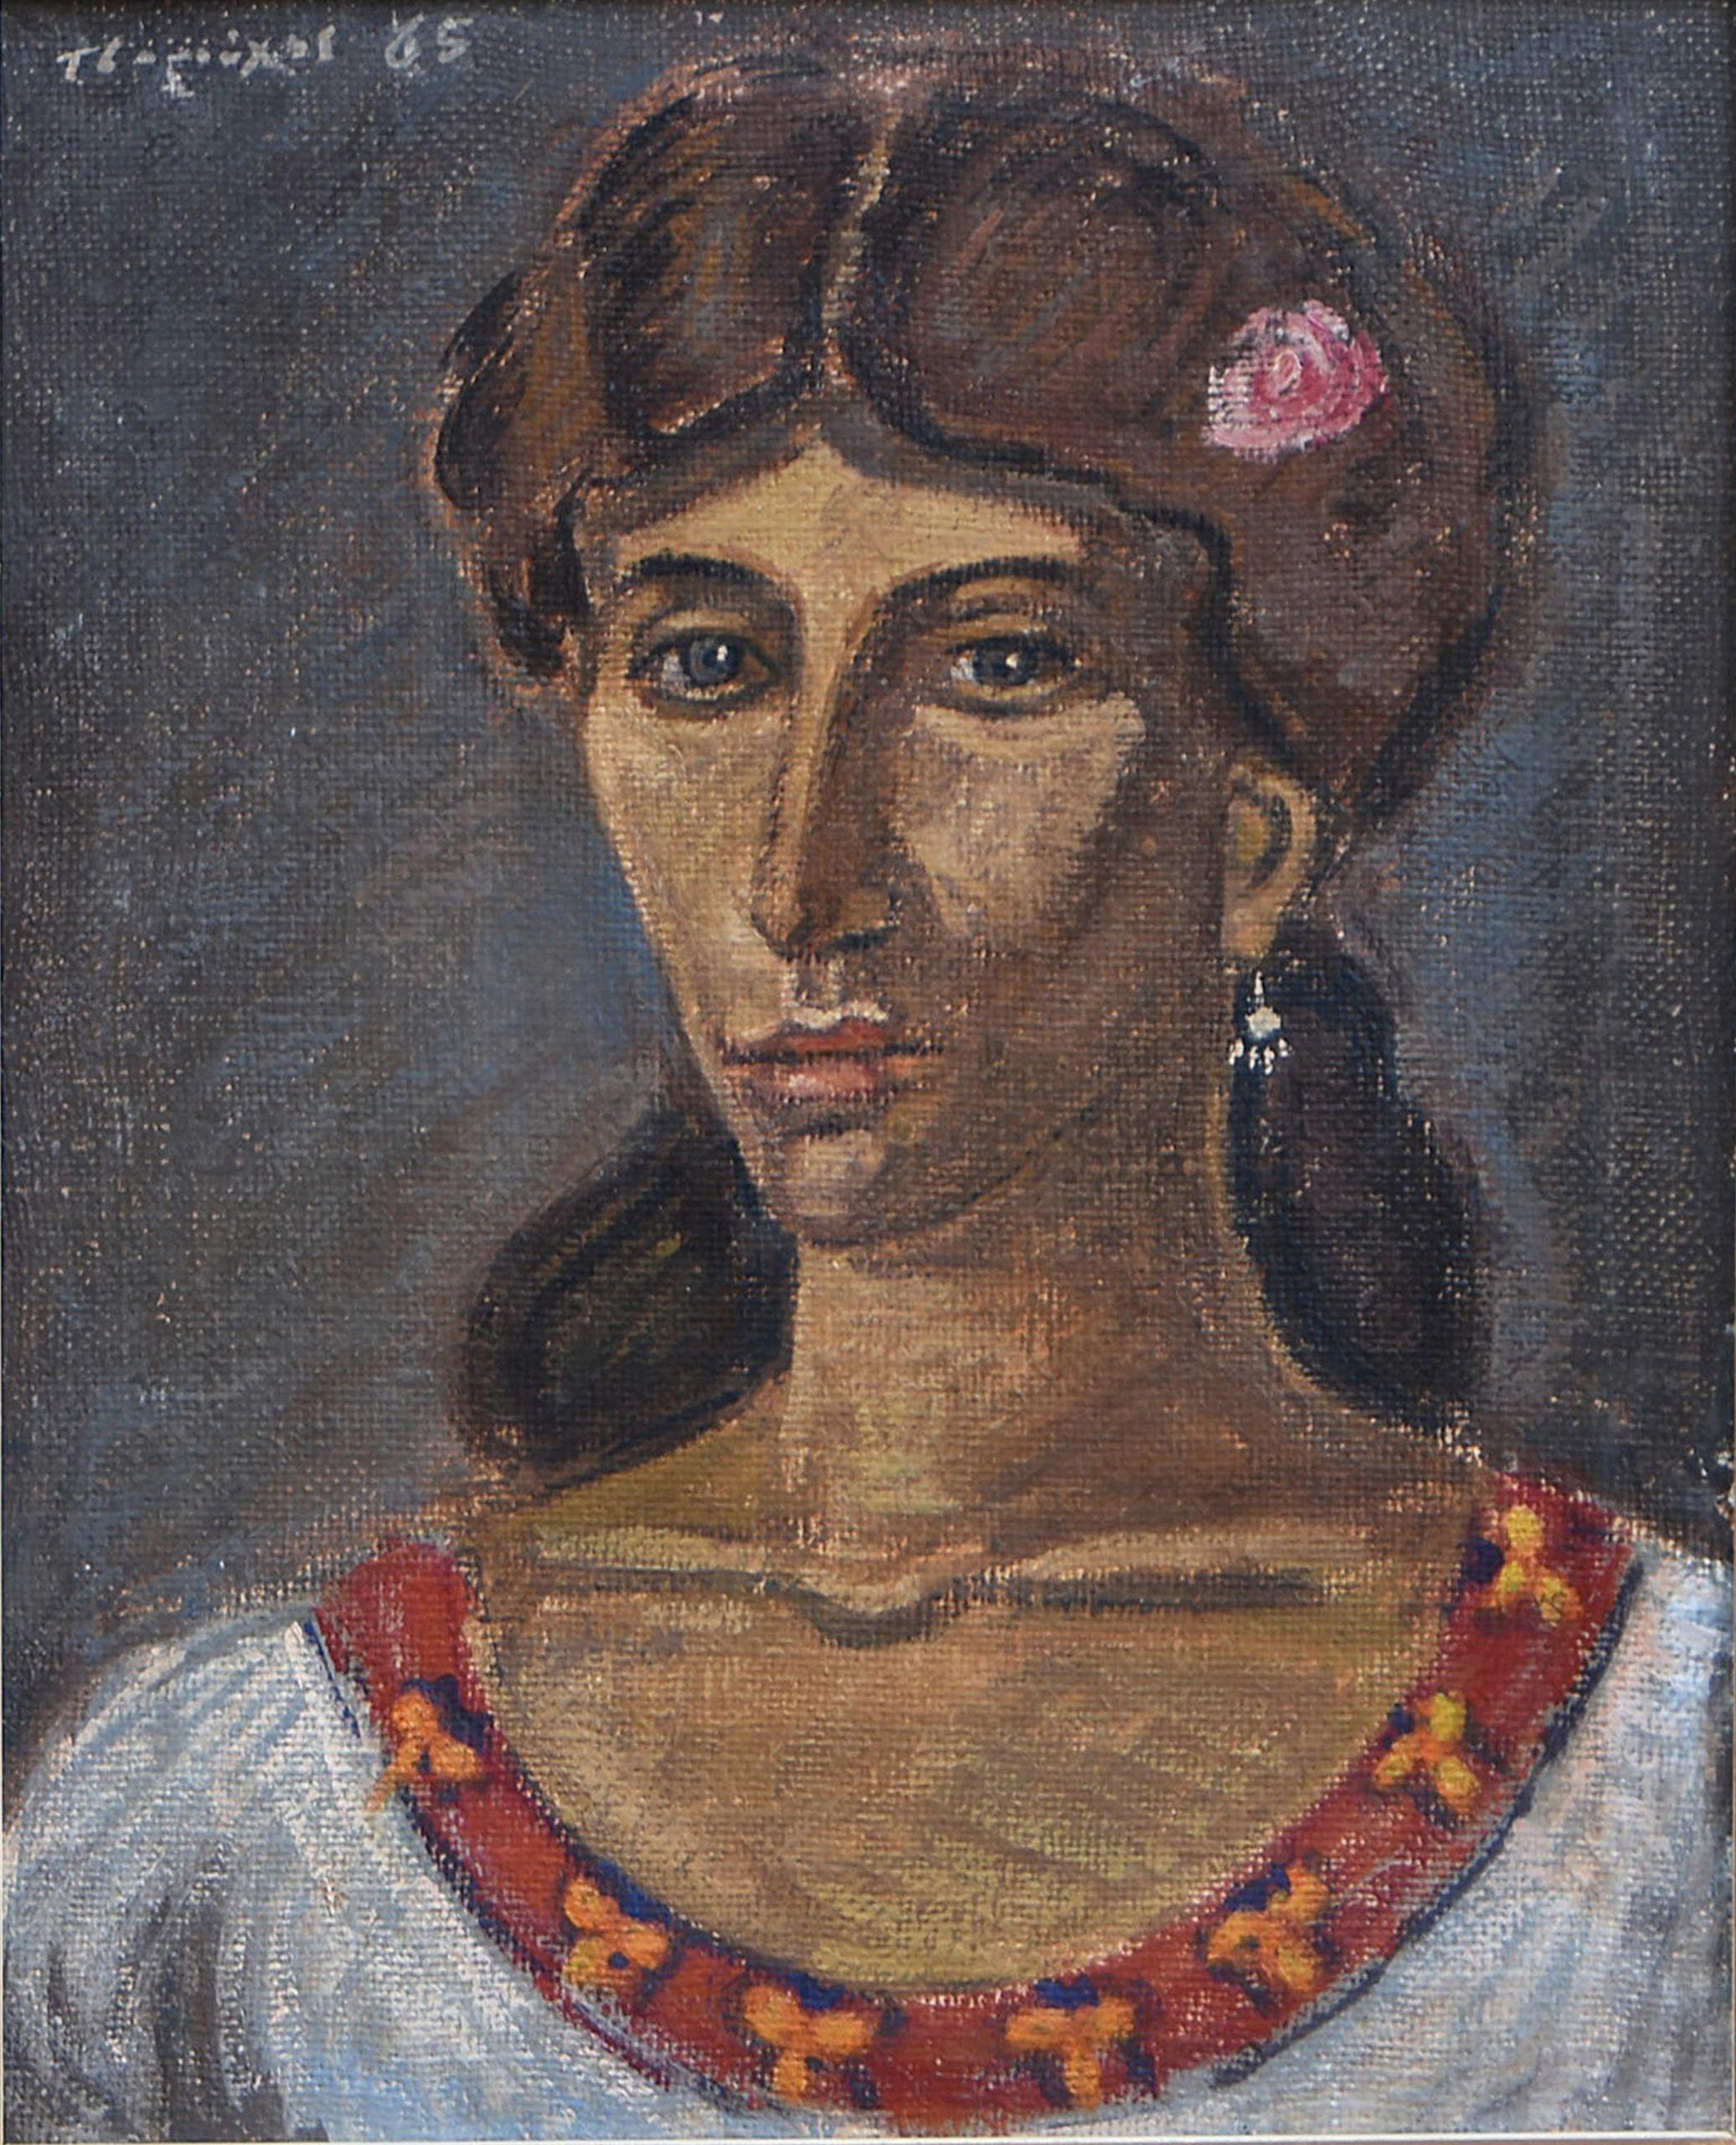 ΤΣΑΡΟΥΧΗΣ Γιάννης (1910 - 1989)